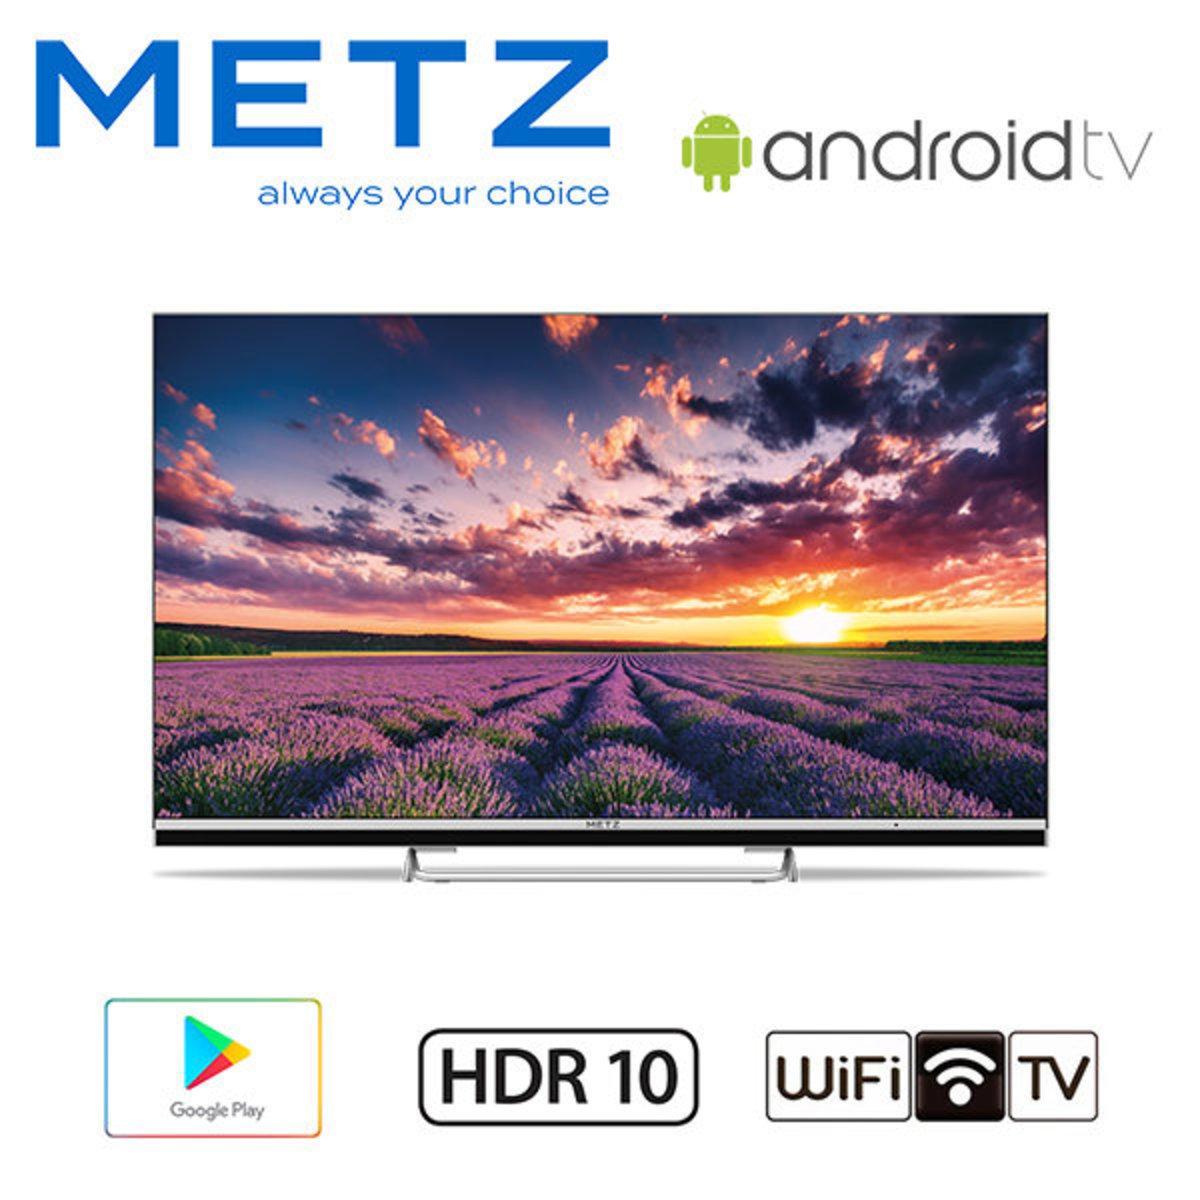 43吋 Android 4K AI Smart TV 智能電視 MT43QU3H